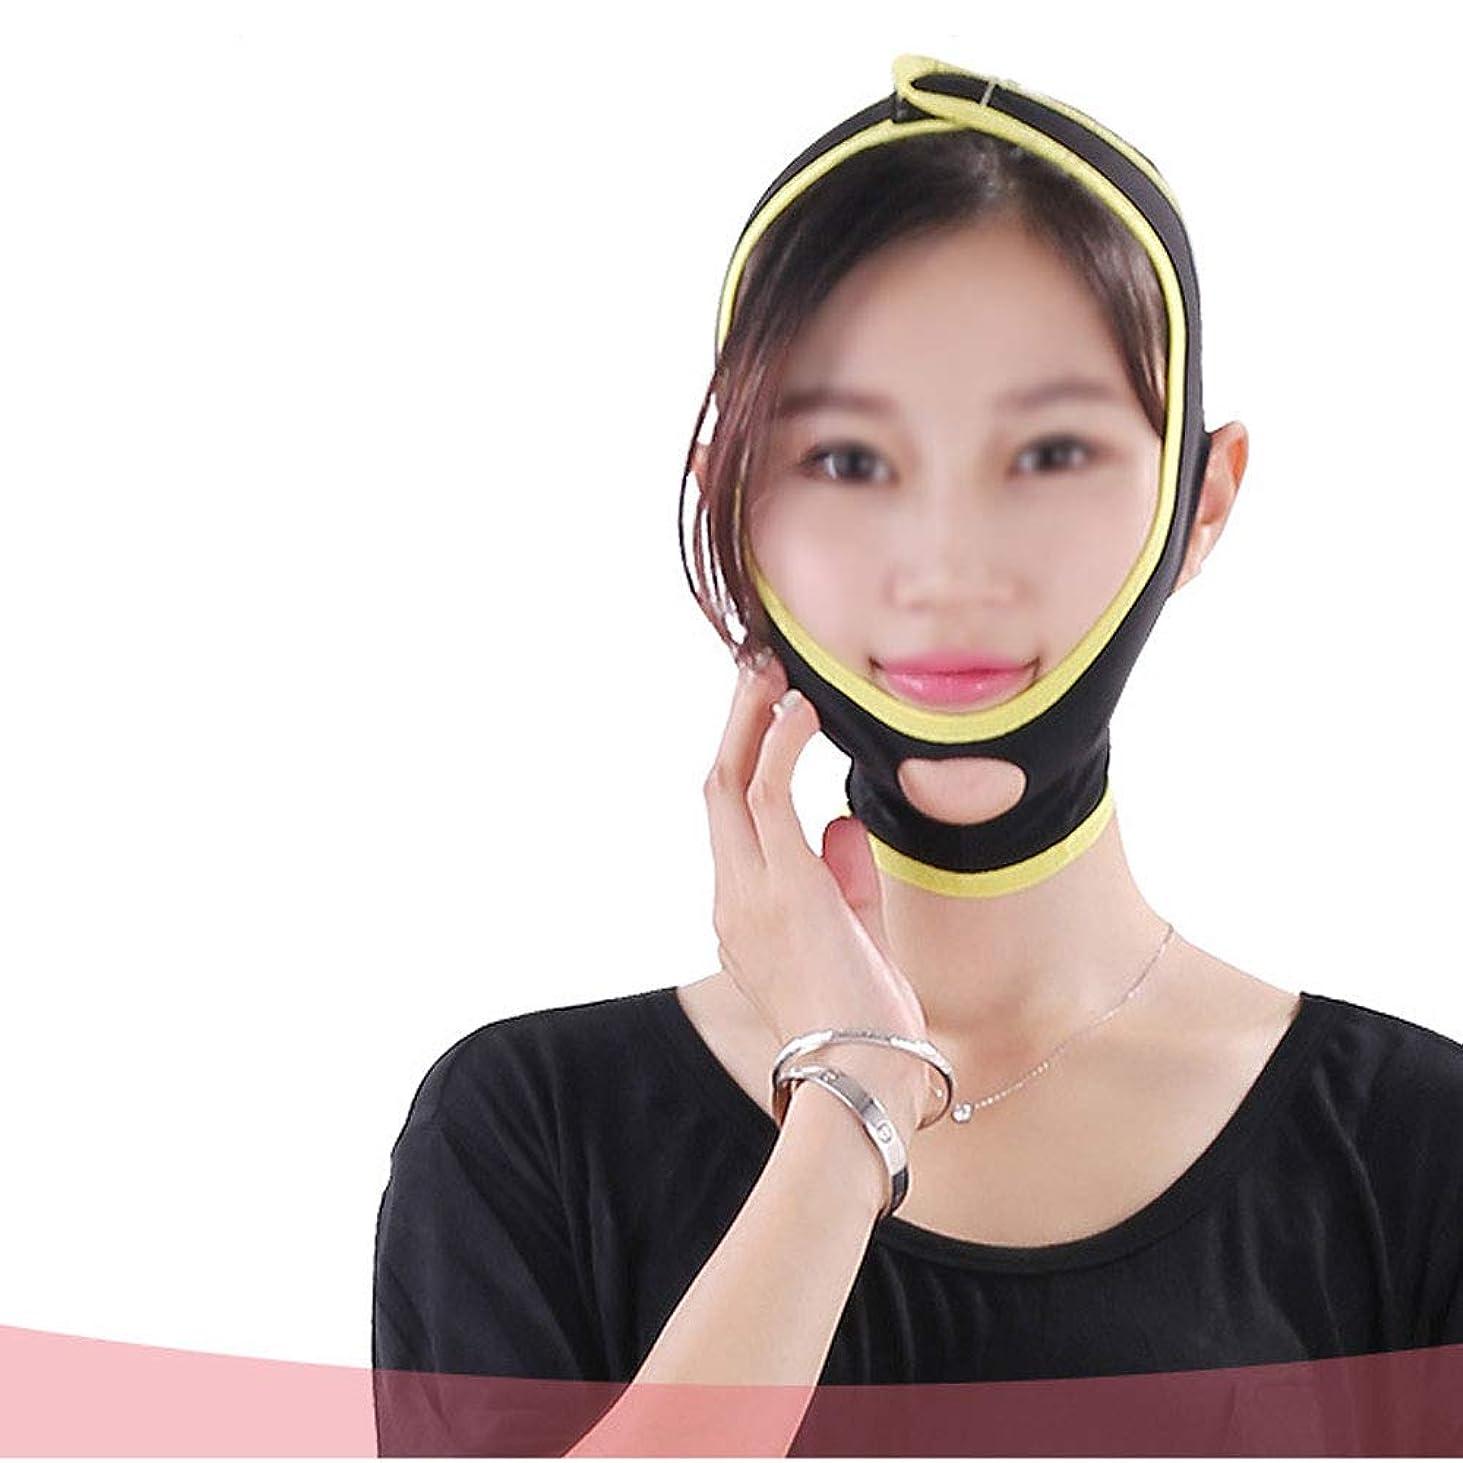 バッグ傀儡灰TLMY 薄い顔包帯通気性睡眠小さいVフェイスマスクリフティング引き締め肌アーティファクトは二重あご顔の減量包帯を減らす 顔用整形マスク (Size : L)